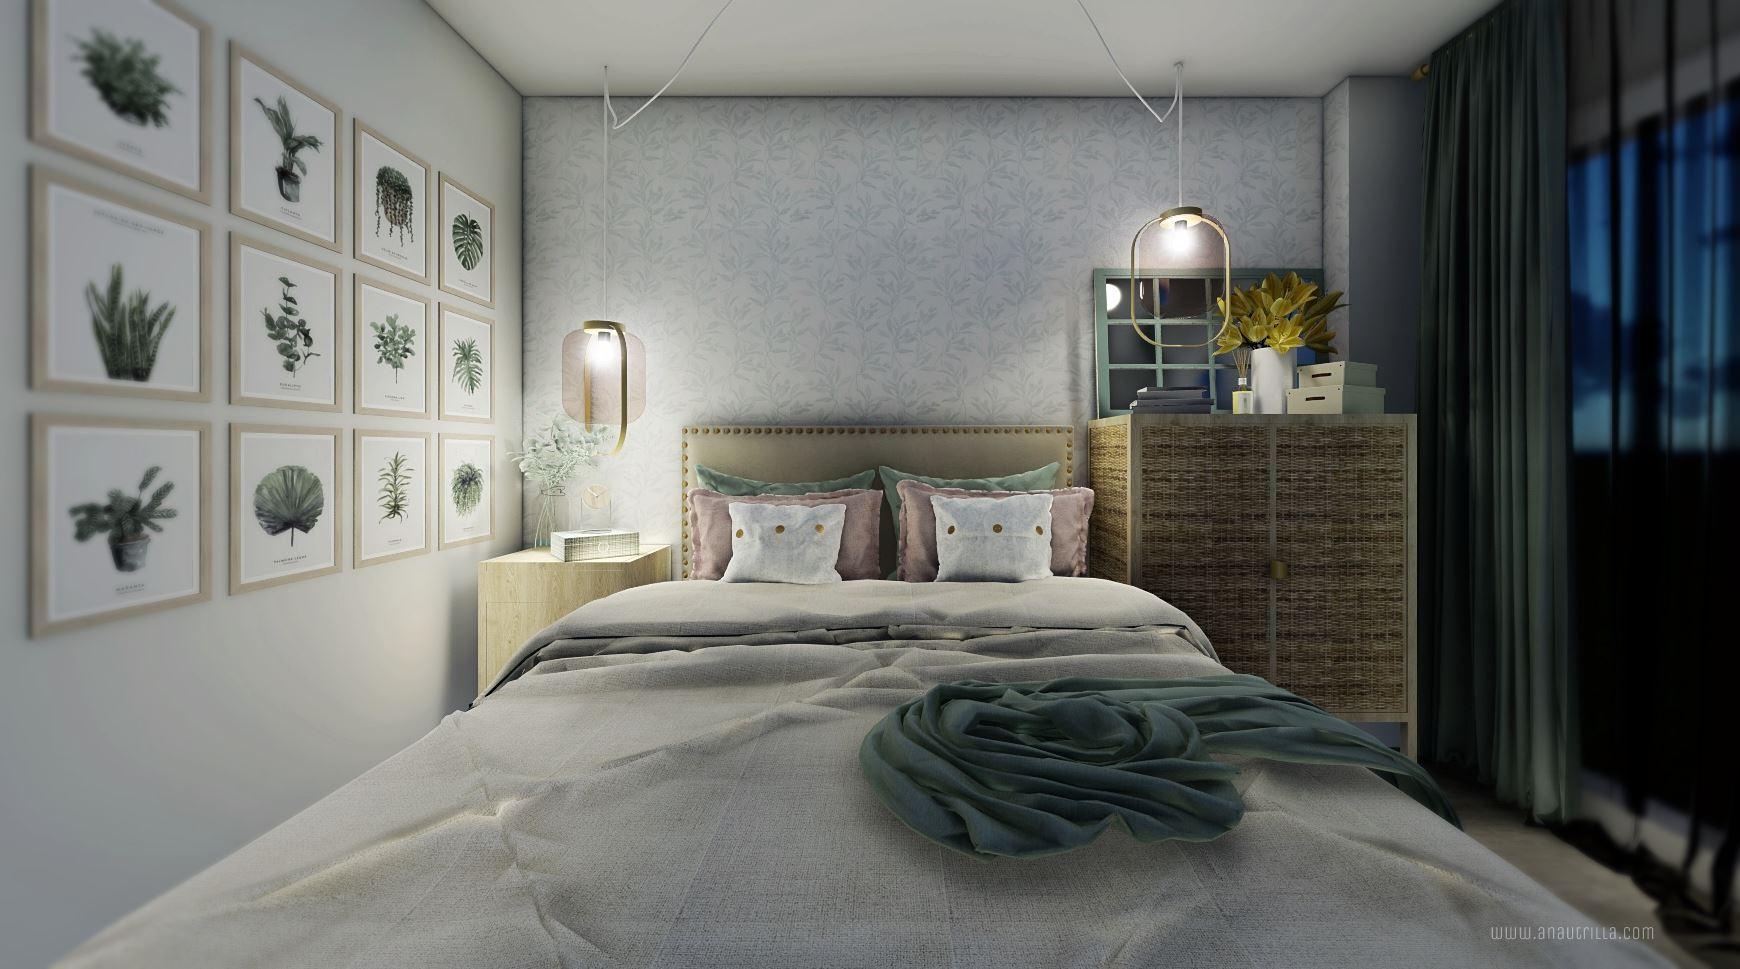 Infografía en 3D de habitación principal de proyecto de interiorismo en Madrid, de estilo nórdico y toques femeninos #Anautrillainteriorismo #rendering3D @utrillanais